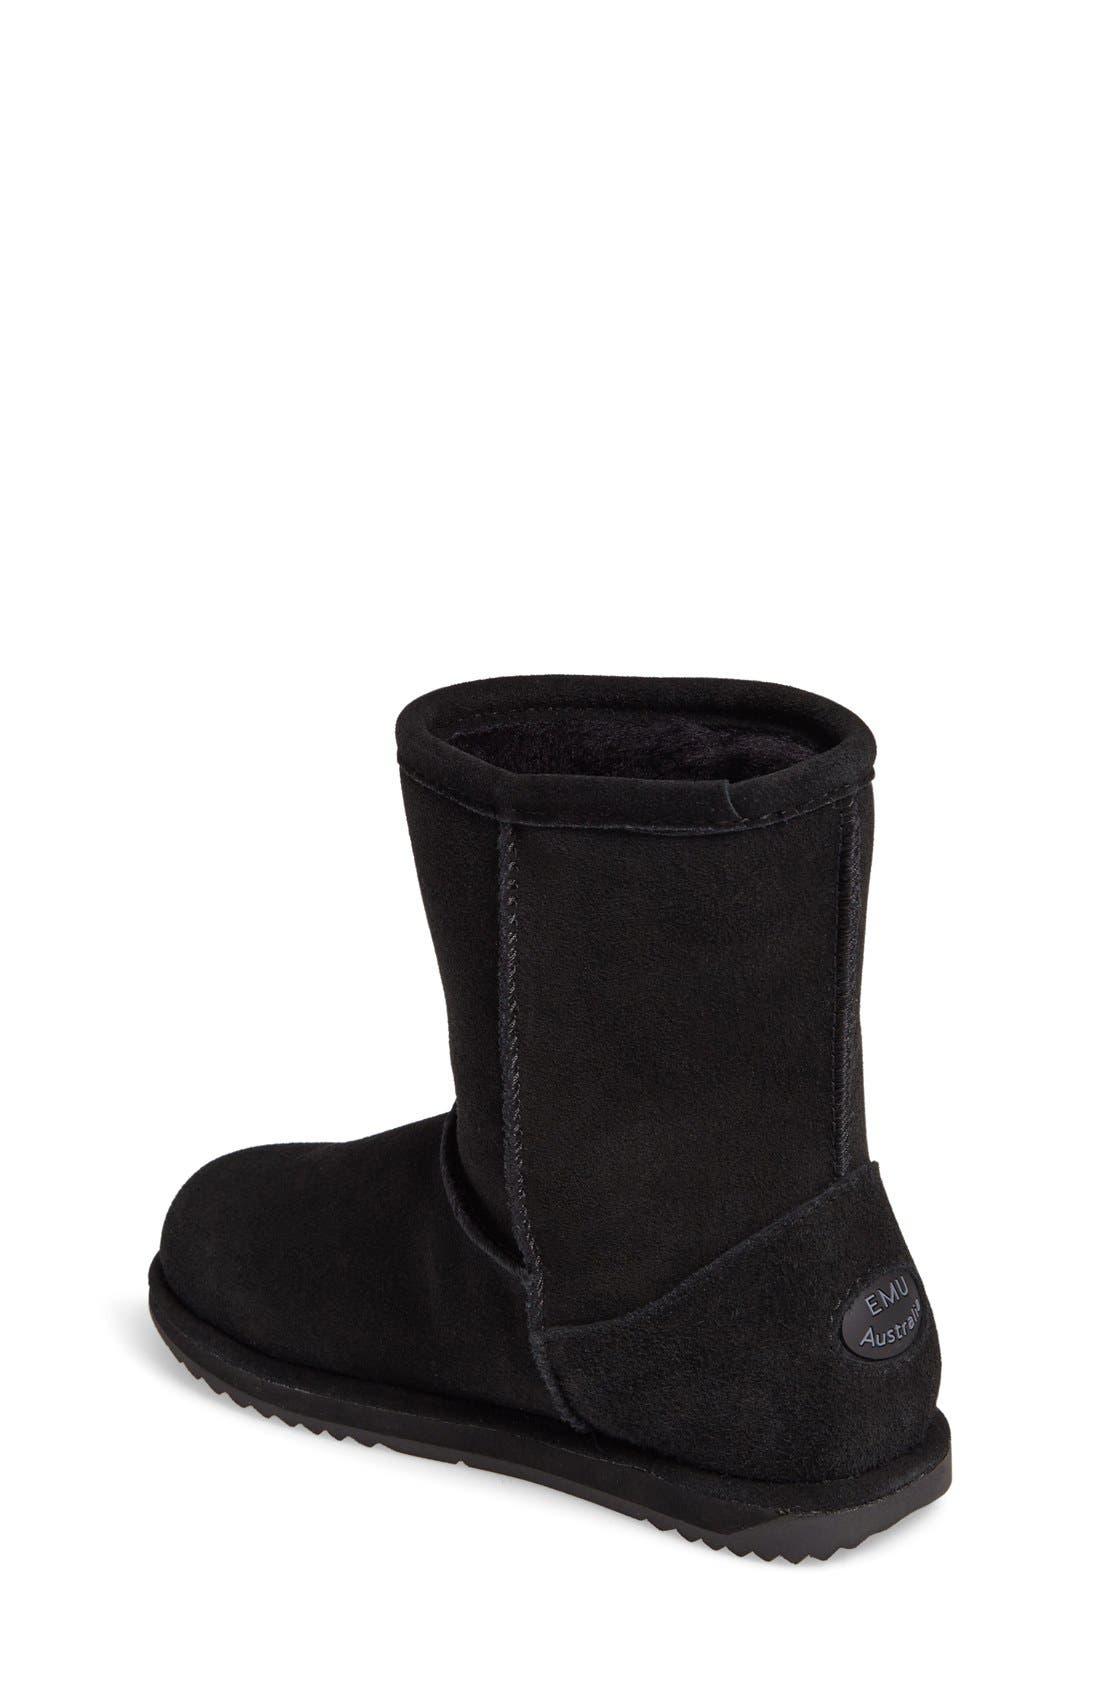 Brumby Waterproof Boot,                             Alternate thumbnail 8, color,                             BLACK SUEDE